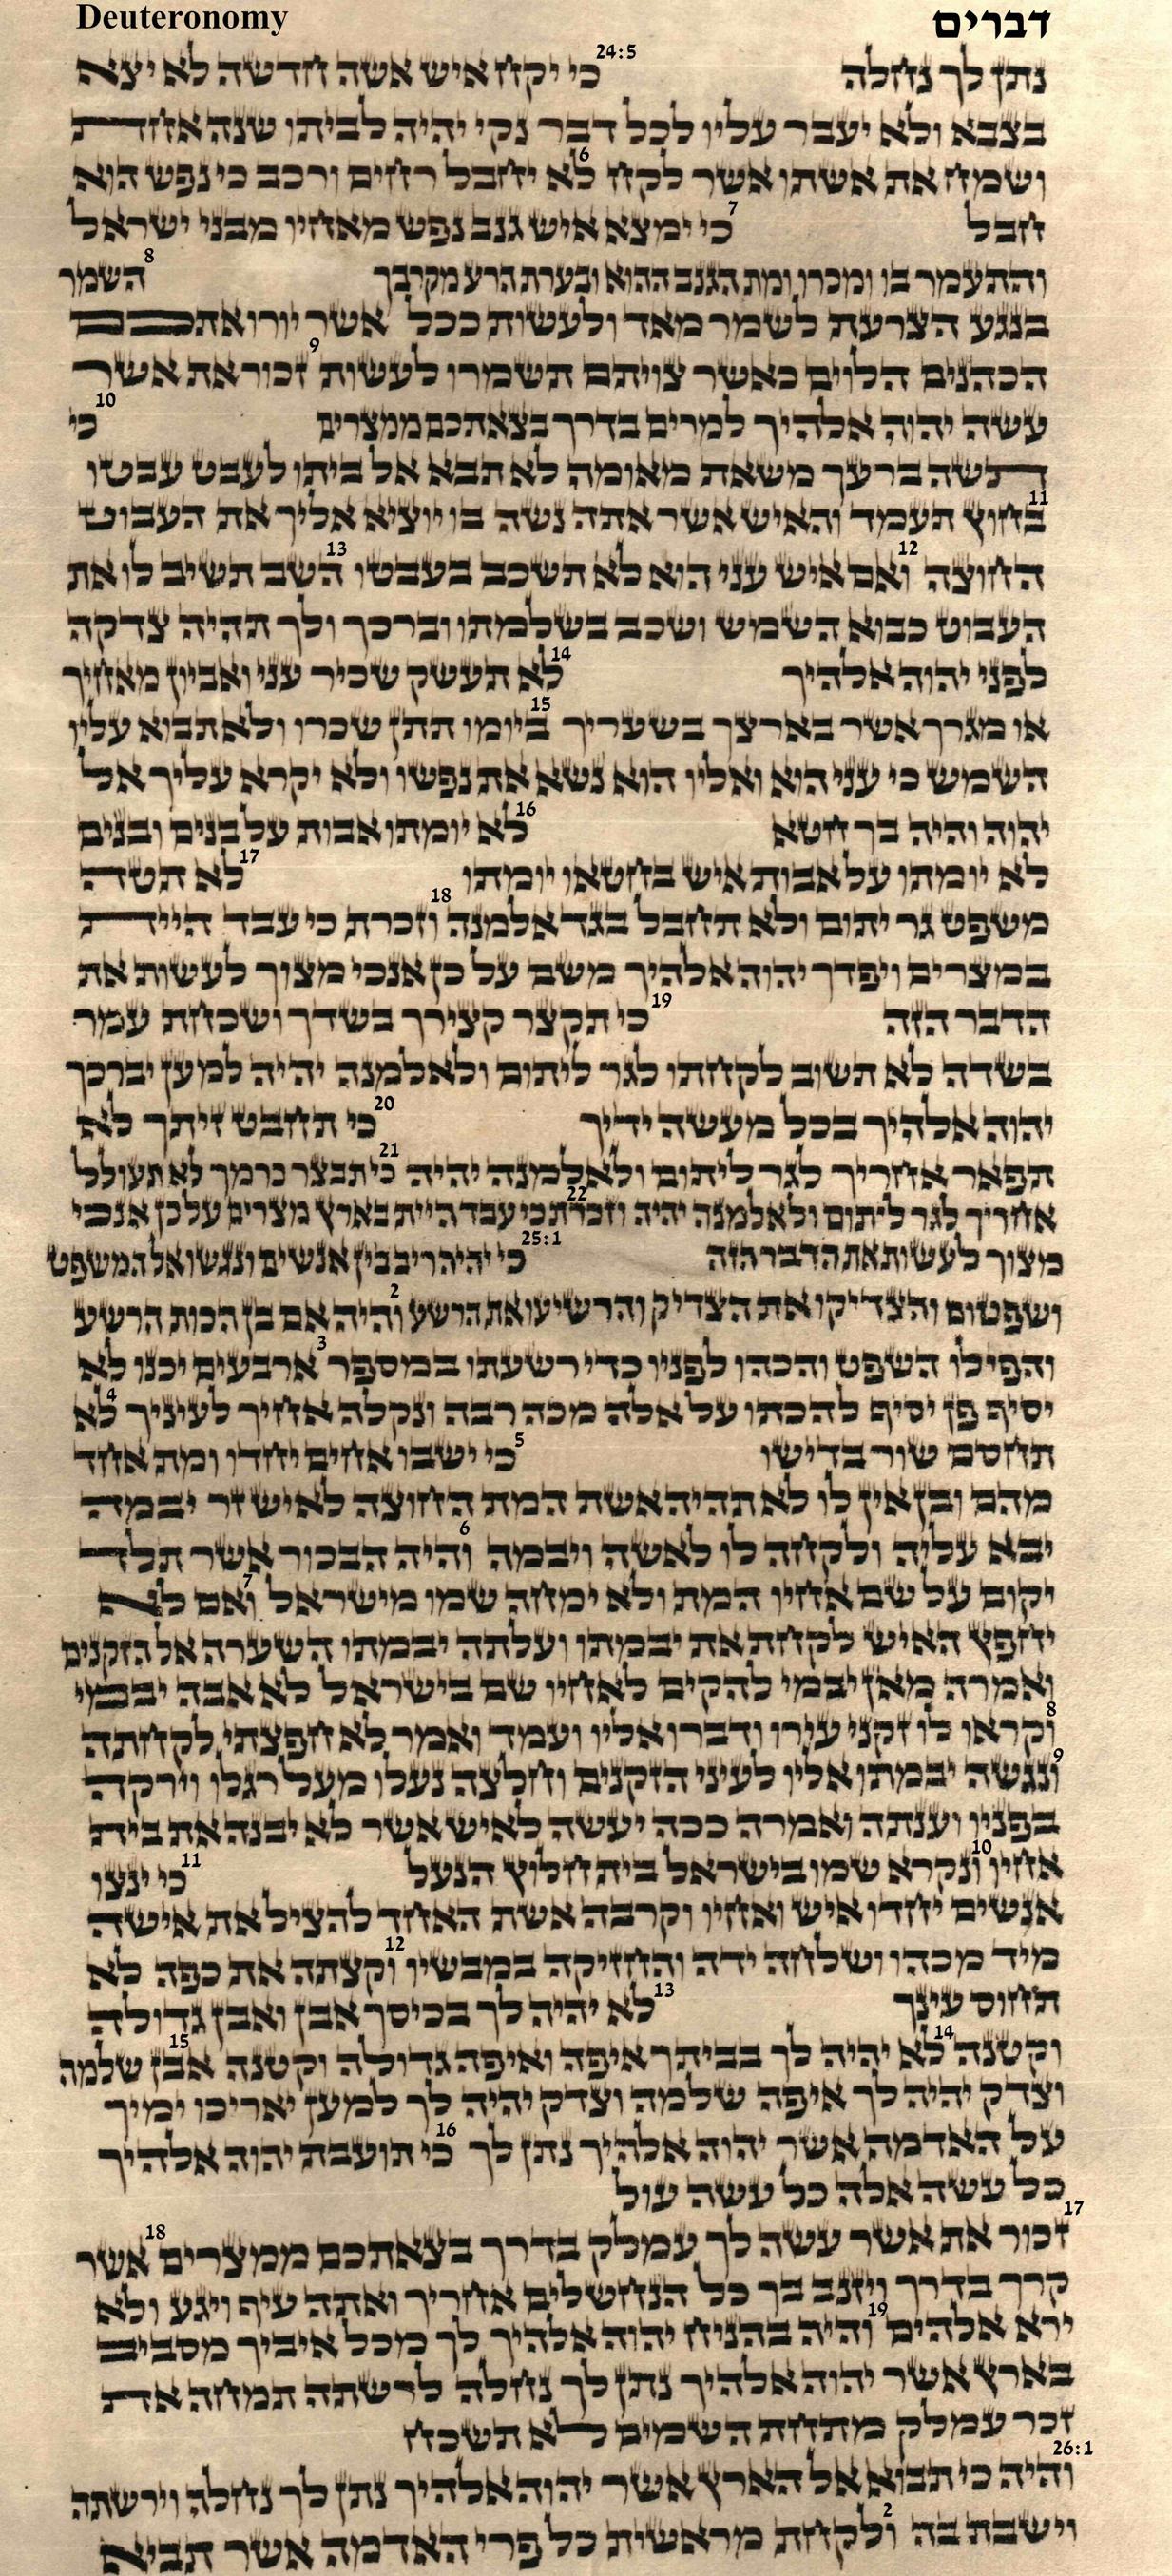 Deuteronomy 24.5 - 26.2